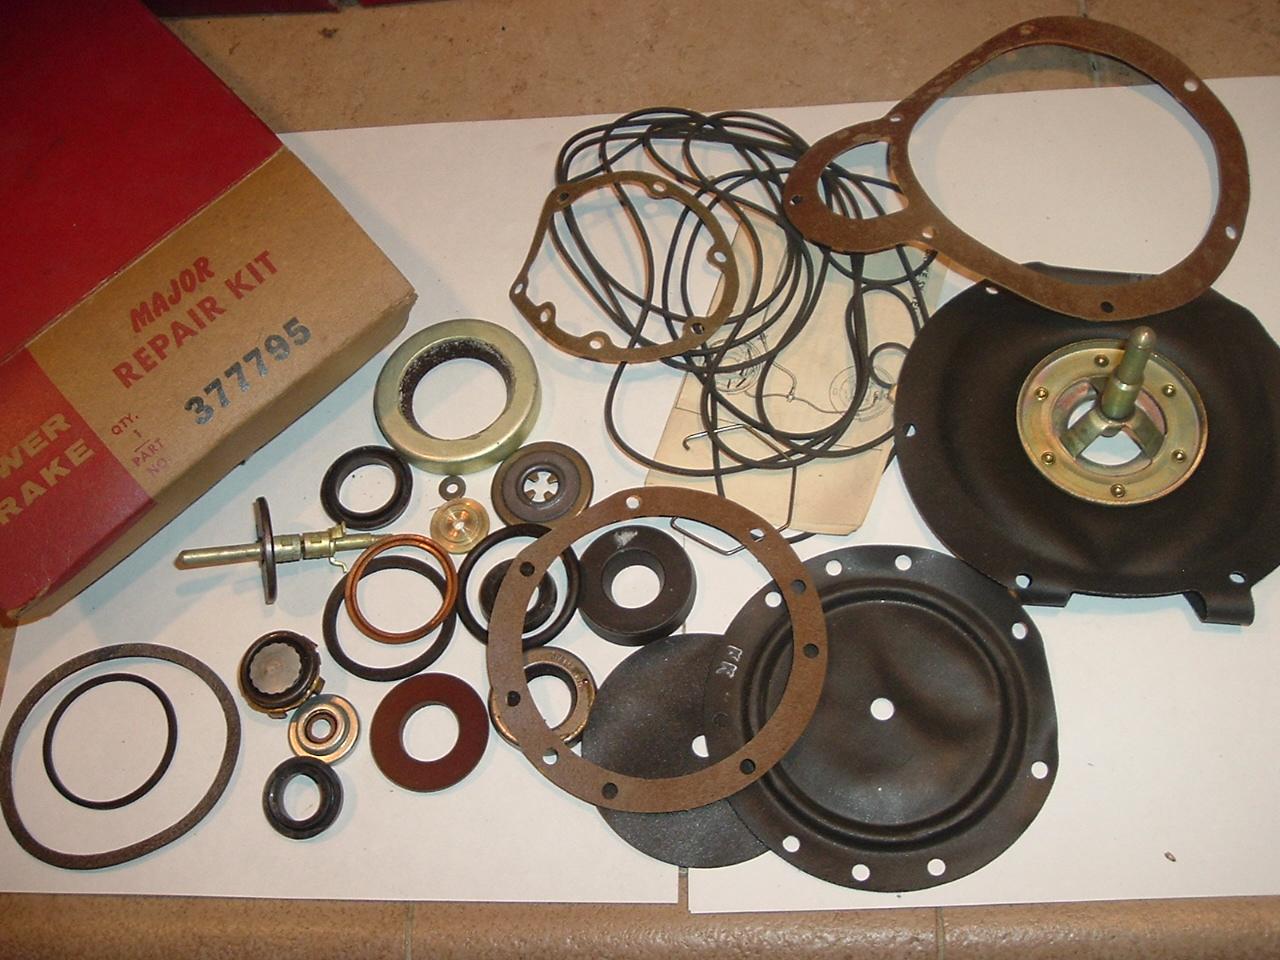 1956 57 58 59 Dodge truck power brake major overhaul kit 2 1/2 - 4 ton (a 377795)